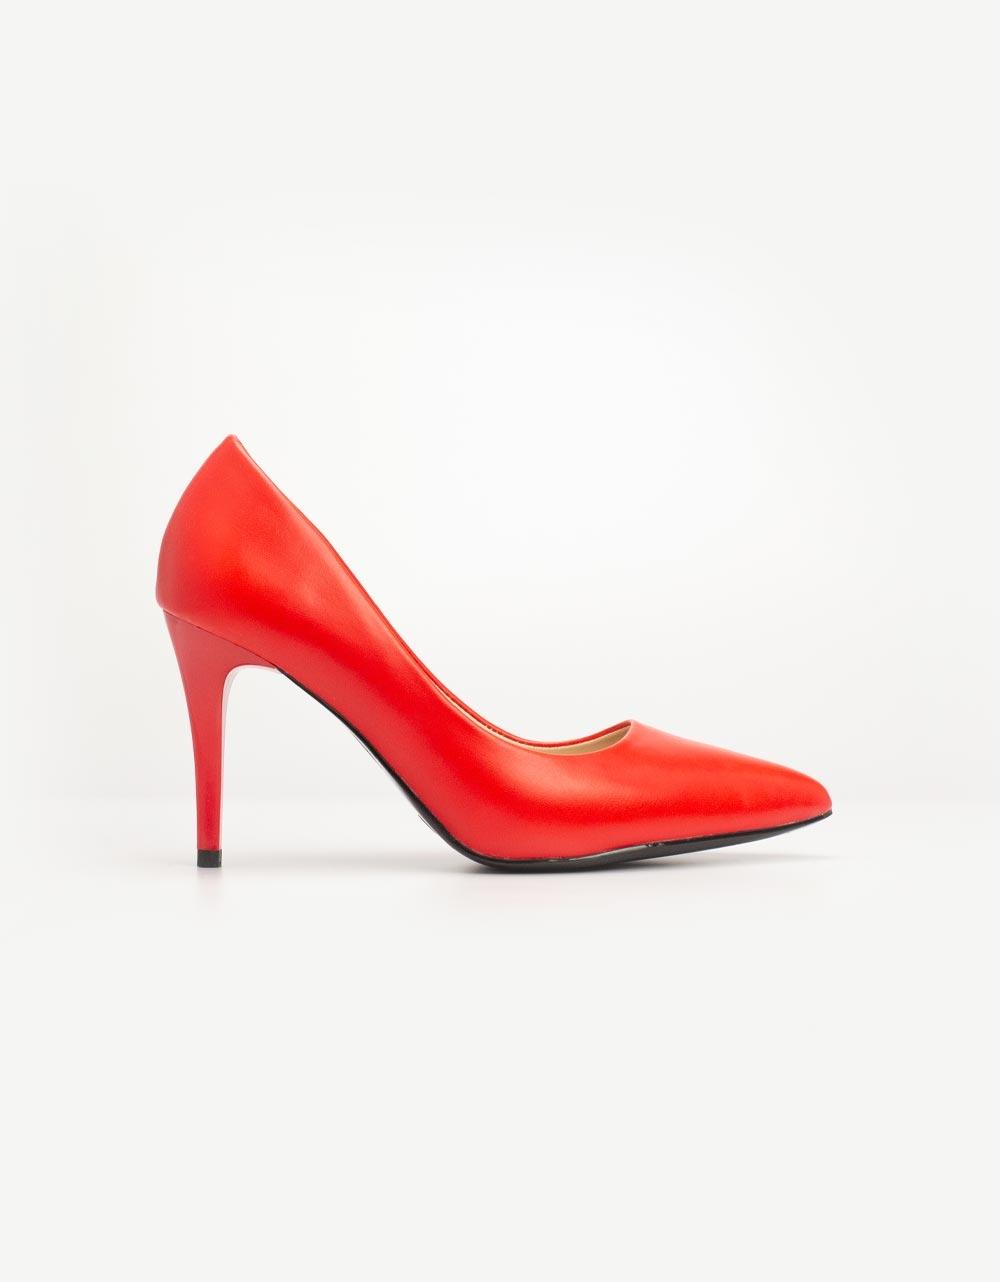 Εικόνα από Γυναικείες γόβες μονόχρωμες Κόκκινο